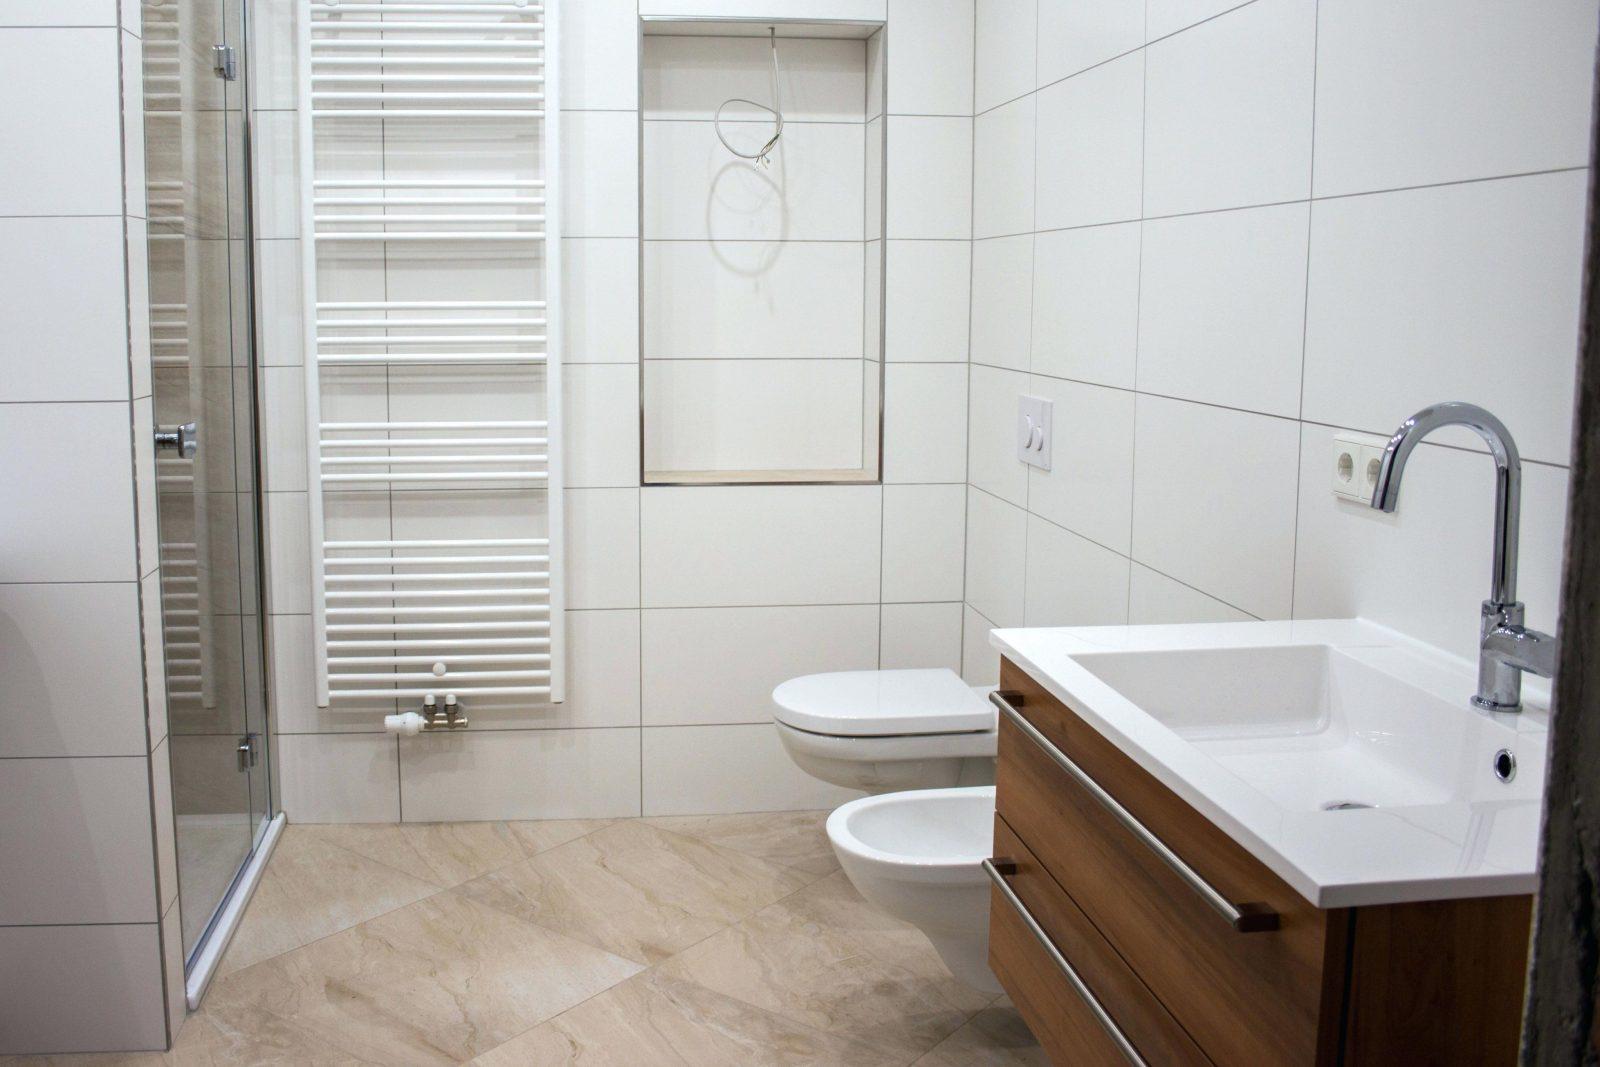 Badezimmer Renovieren Badezimmer Fliesen Deko Badezimmer Renovieren von Bad Renovieren Ohne Fliesen Entfernen Photo